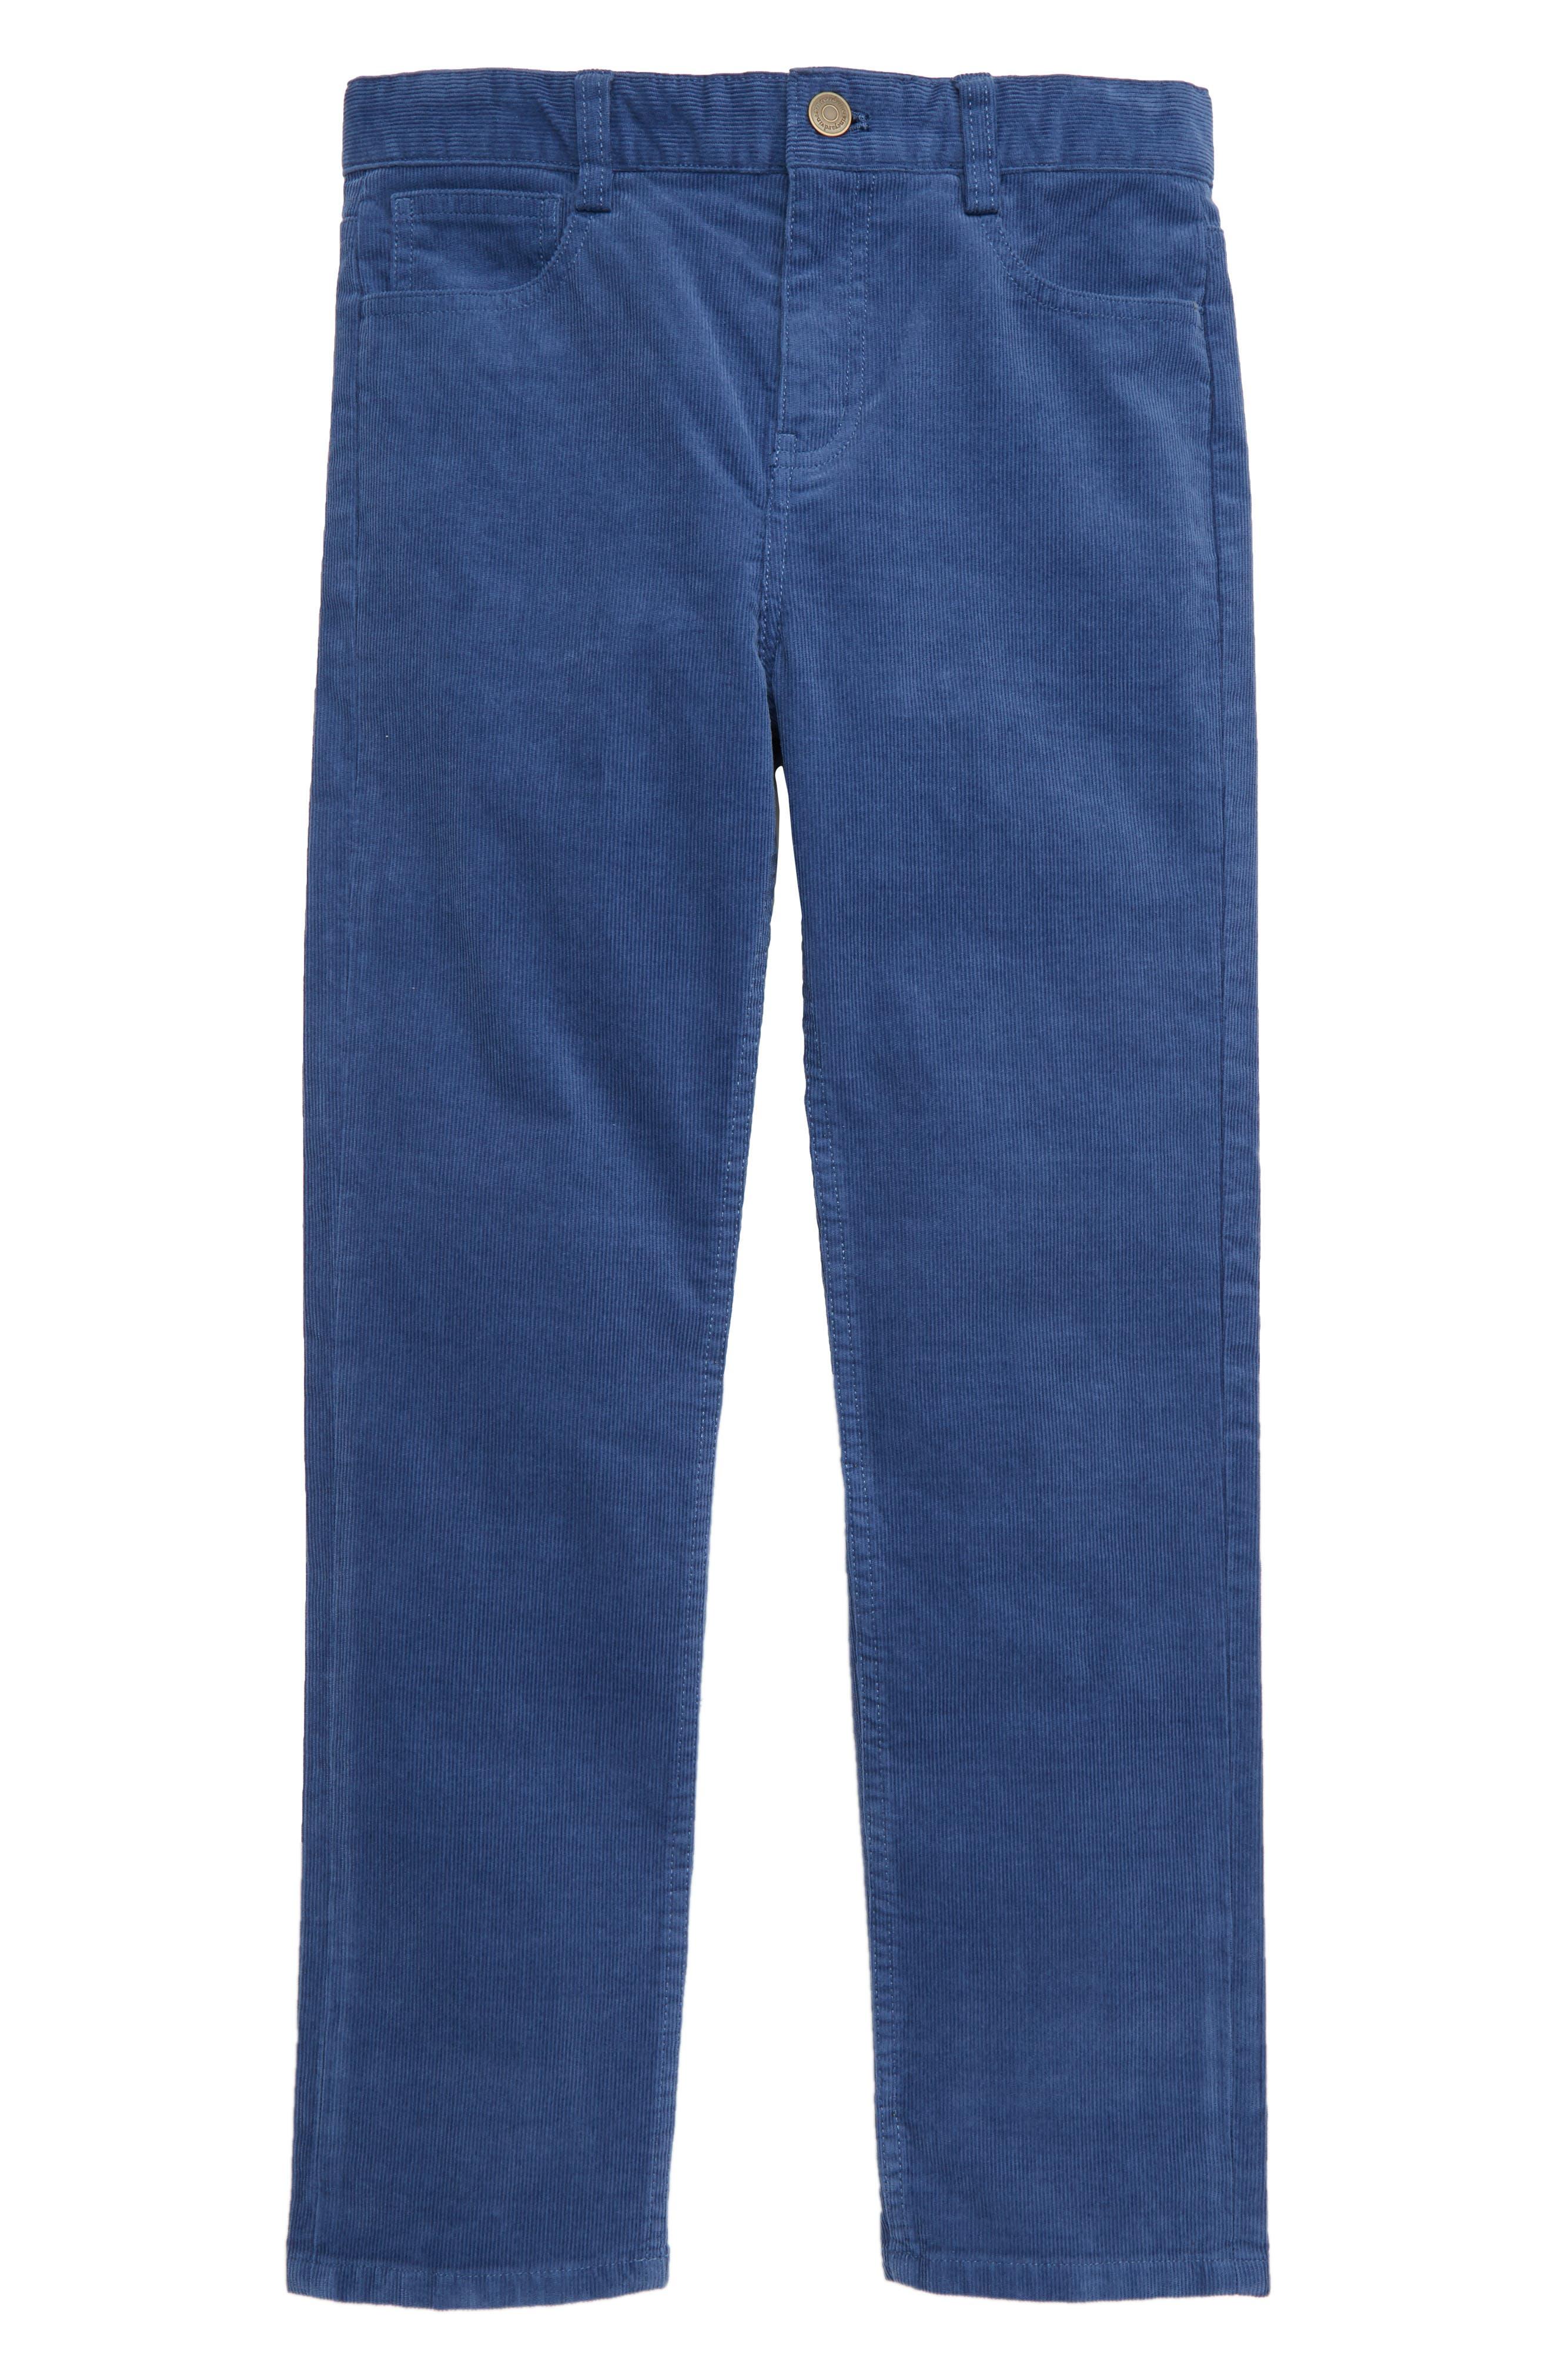 Corduroy Pants,                         Main,                         color, 463